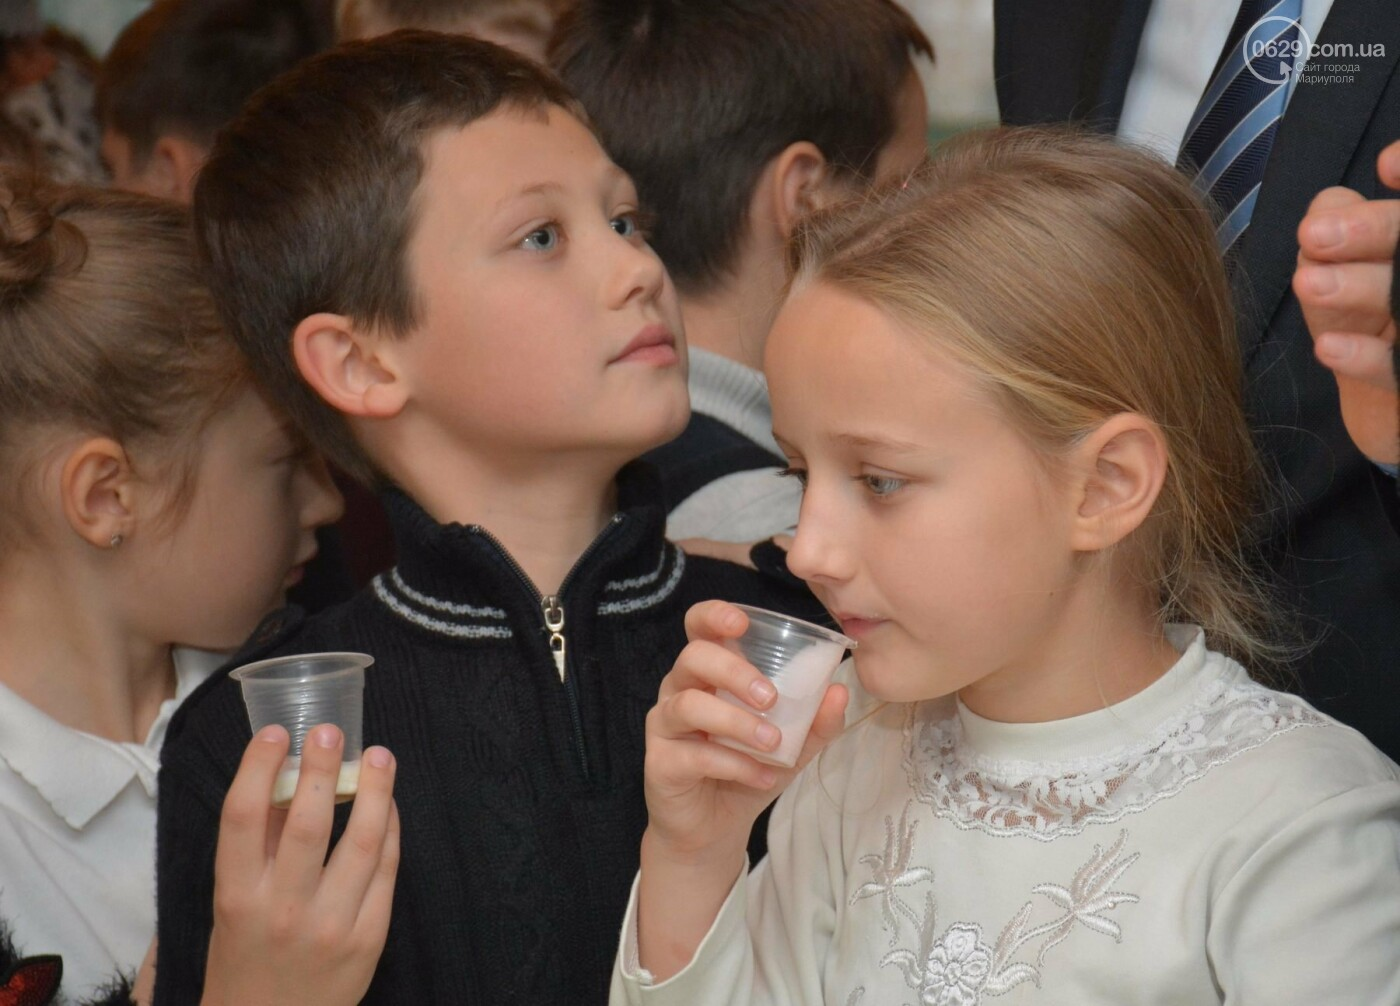 Больше молочных и мясных блюд, свежих овощей и фруктов: в ОШ № 15 представили обновленное меню для школьников., фото-30